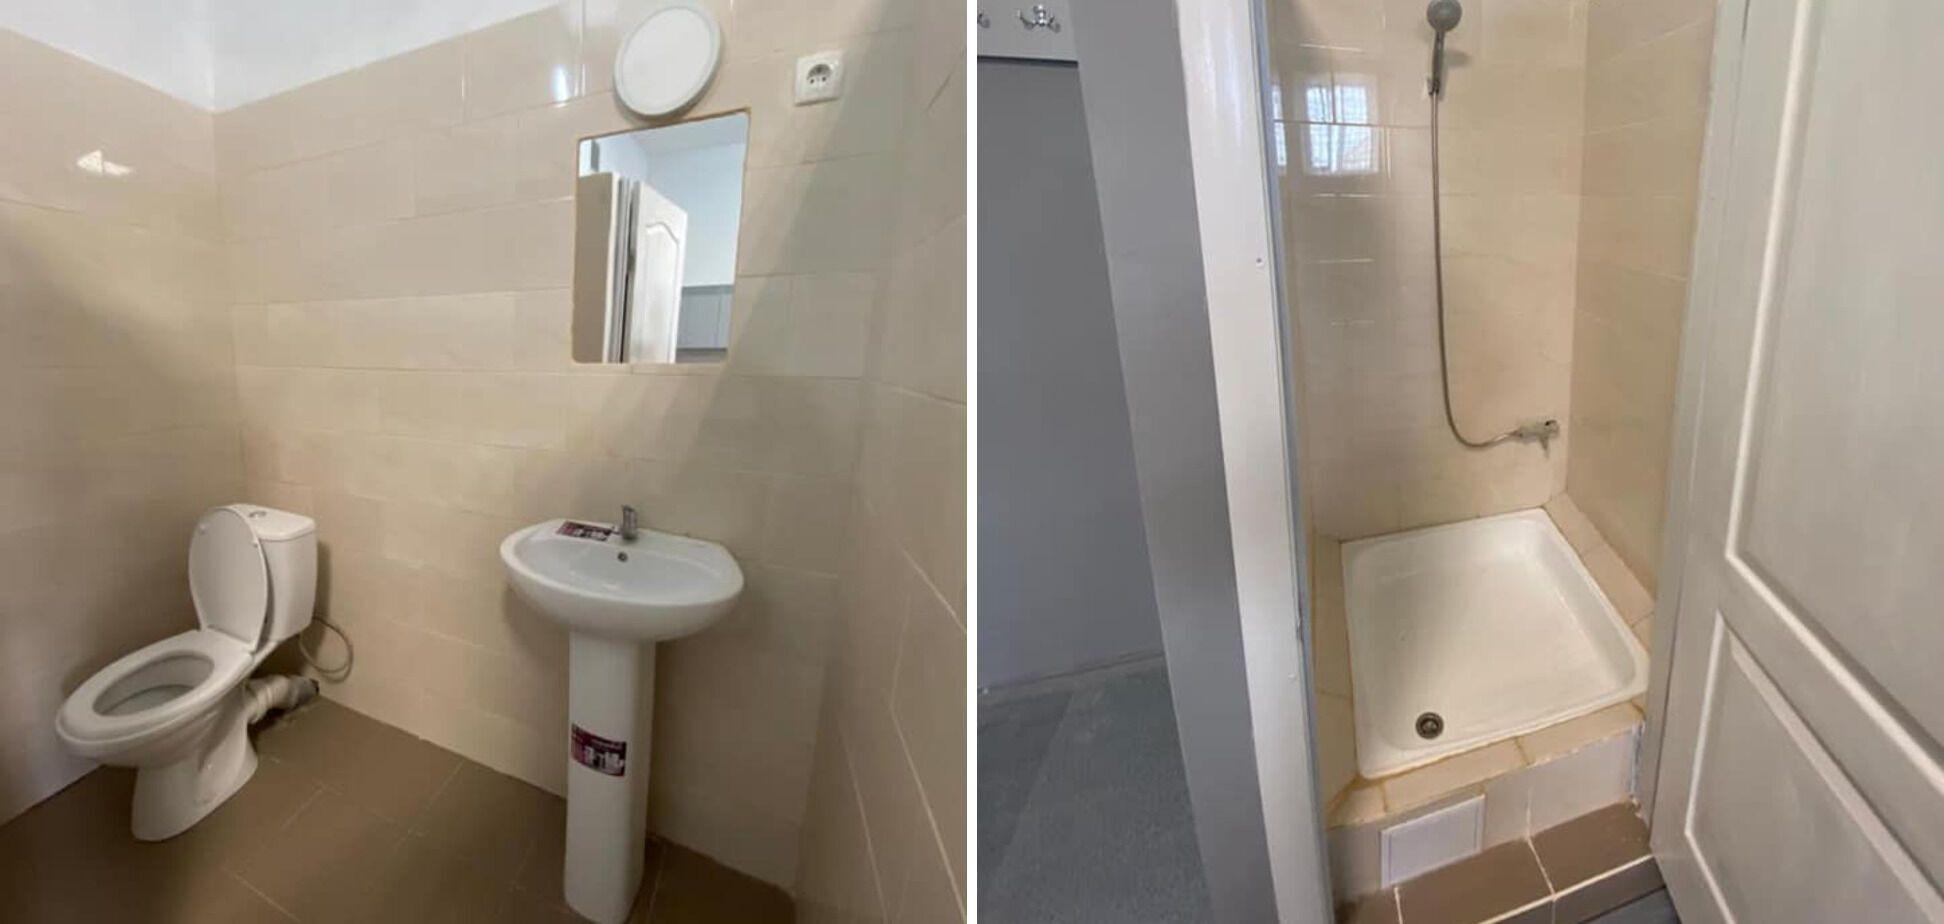 Туалет в камере СИЗО после ремонта